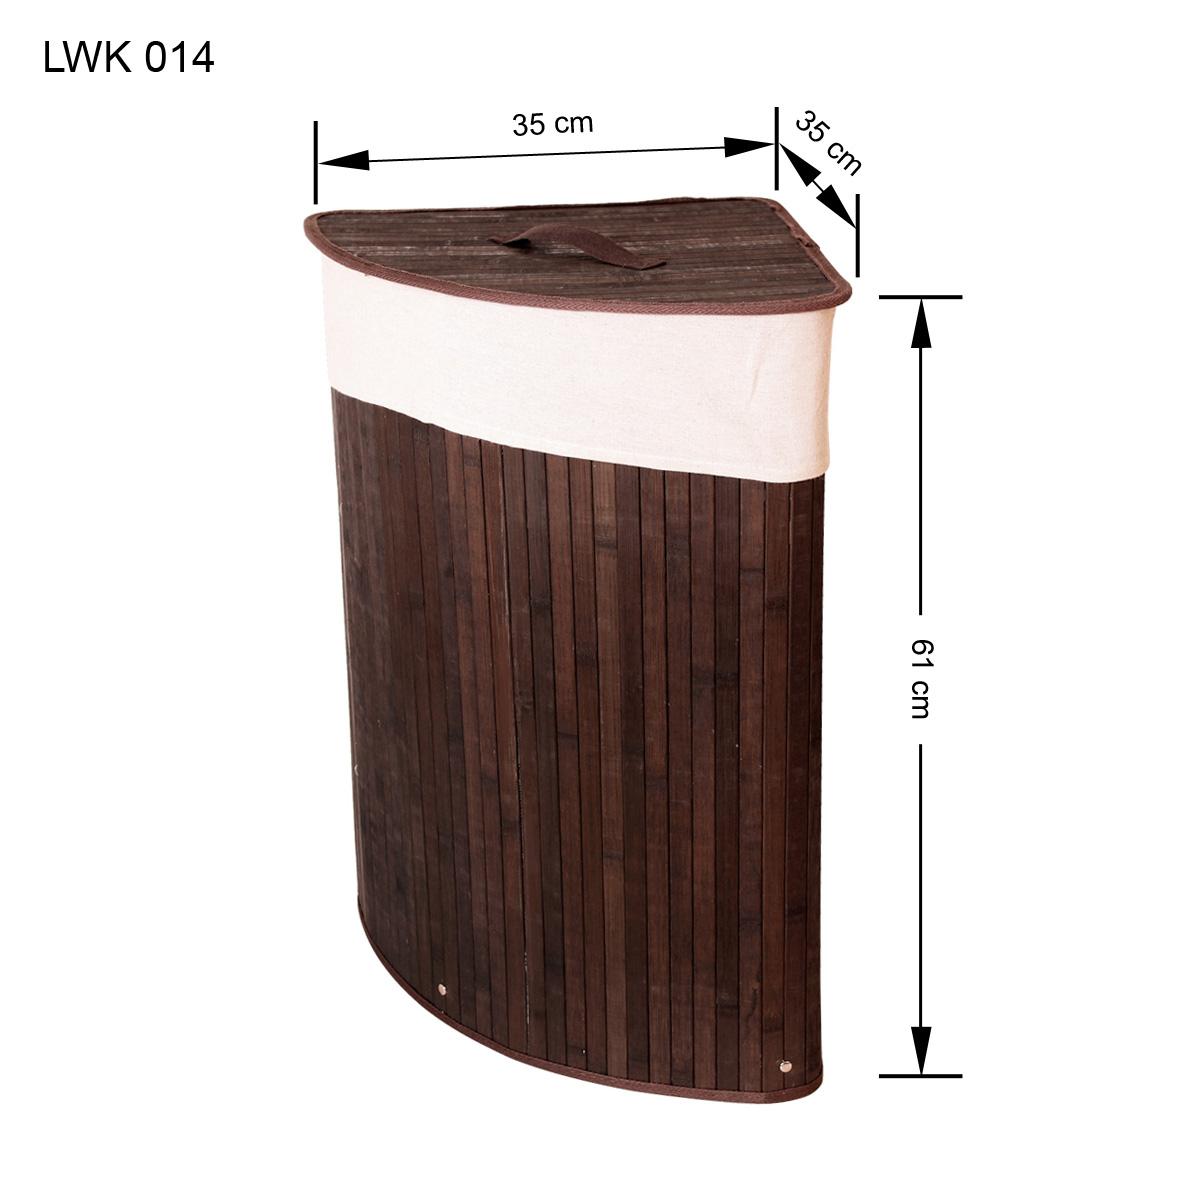 bambus w schekorb w sche w schetruhe w schesammler leinen kleidersack lwk014 ebay. Black Bedroom Furniture Sets. Home Design Ideas